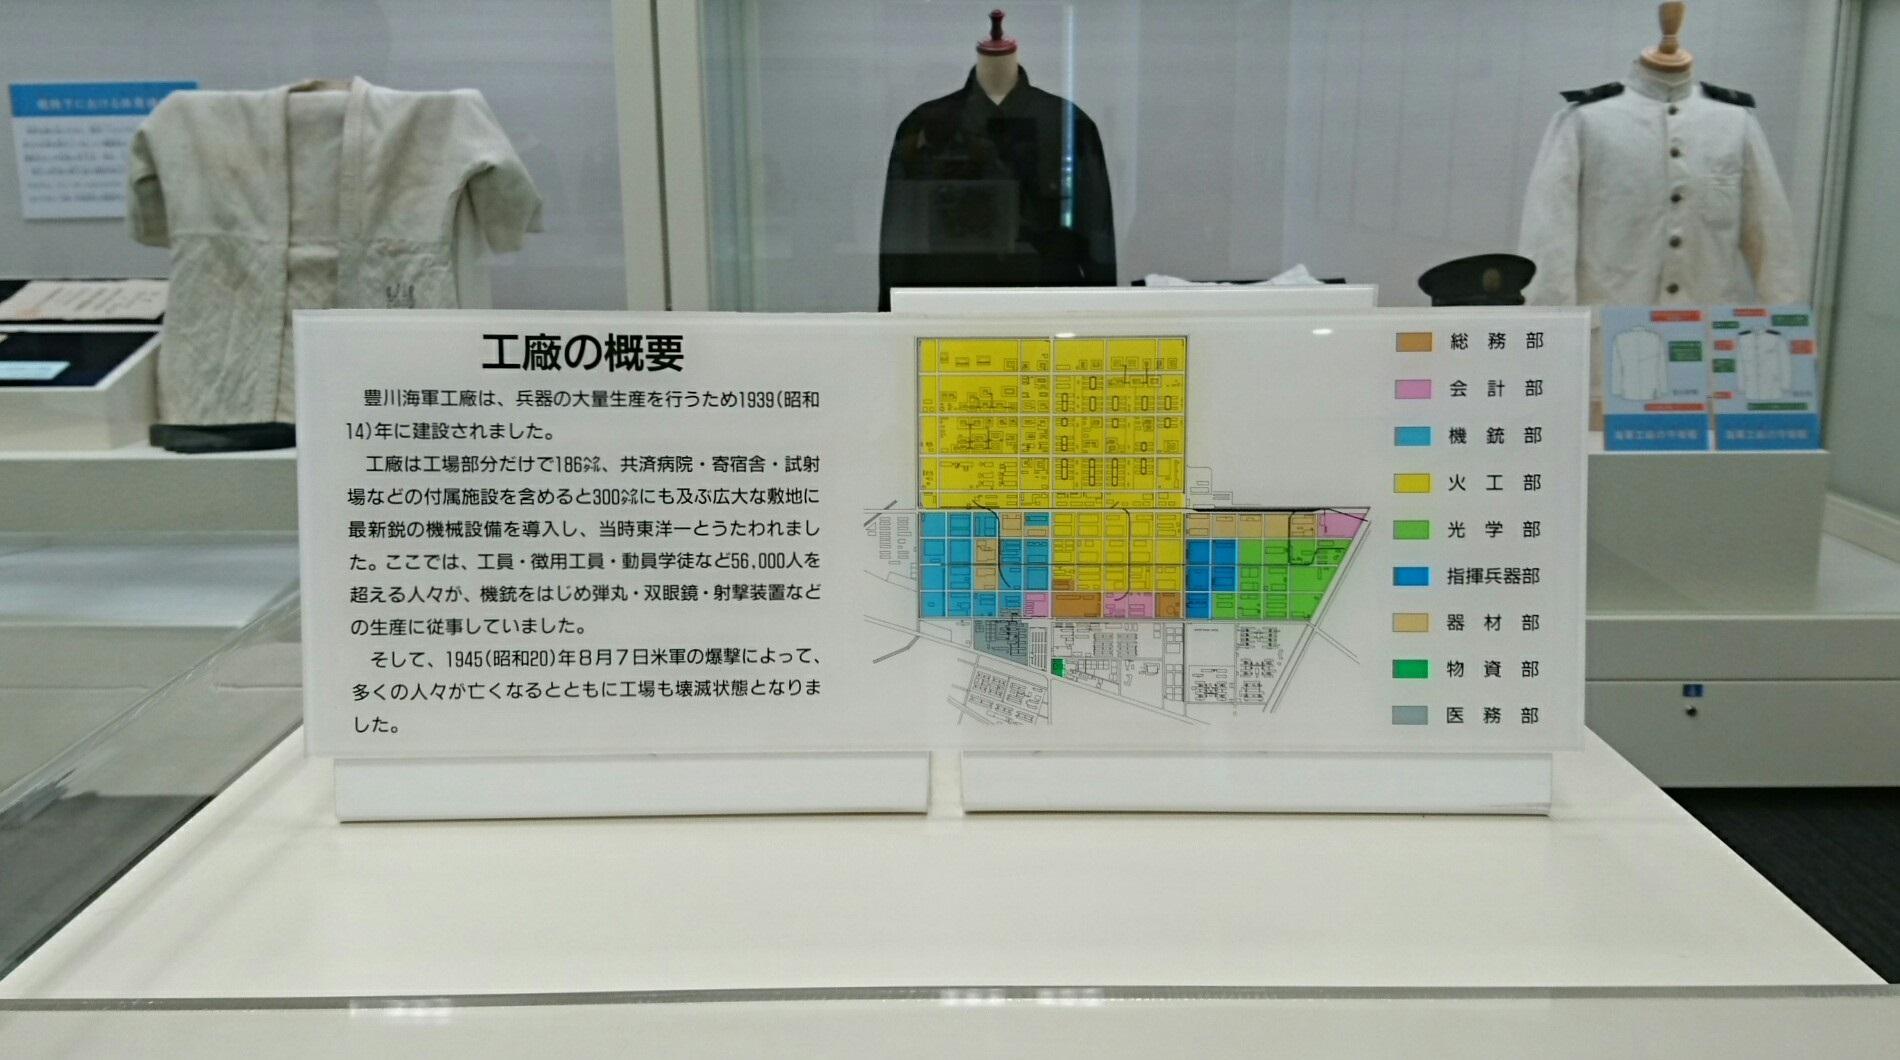 2017.8.30 豊川海軍工廠展 (21) 工廠の概要 1900-1060